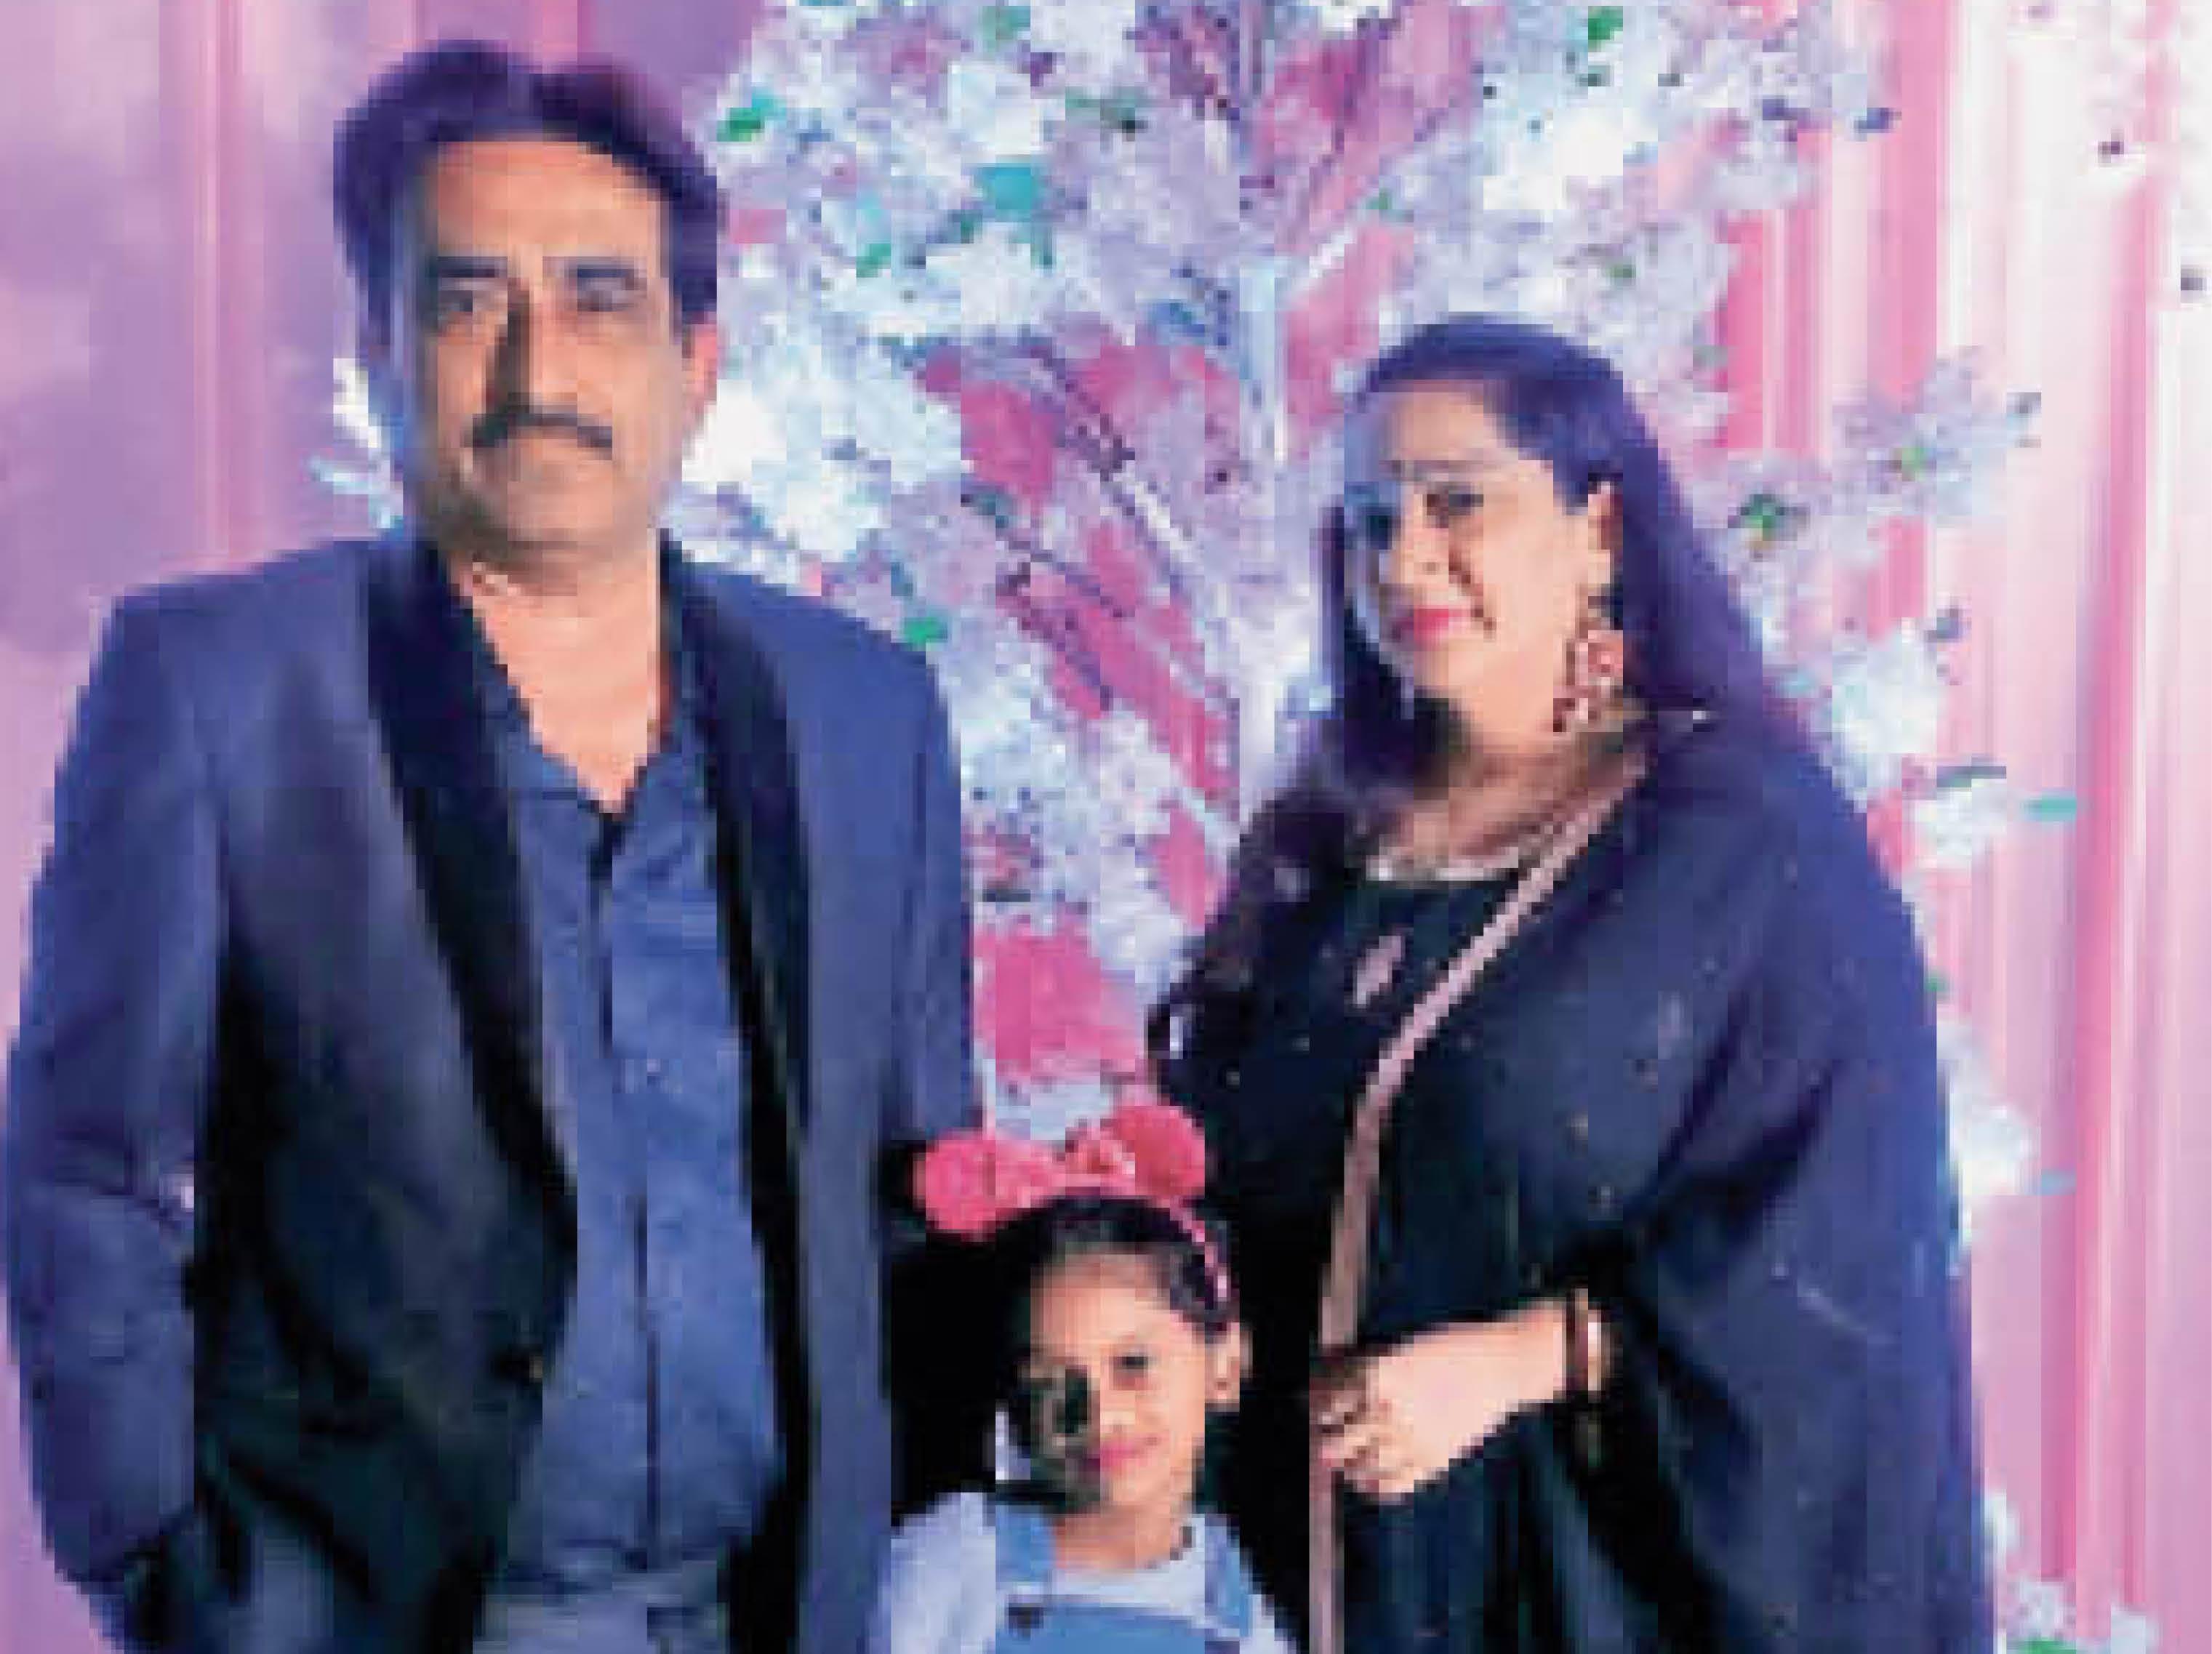 माना अस्पताल के कोविड इंचार्ज छोटी बहन को नहीं बचा पाए, संक्रमित भी हुए, फिर ड्यूटी के लिए तैयार रायपुर,Raipur - Dainik Bhaskar